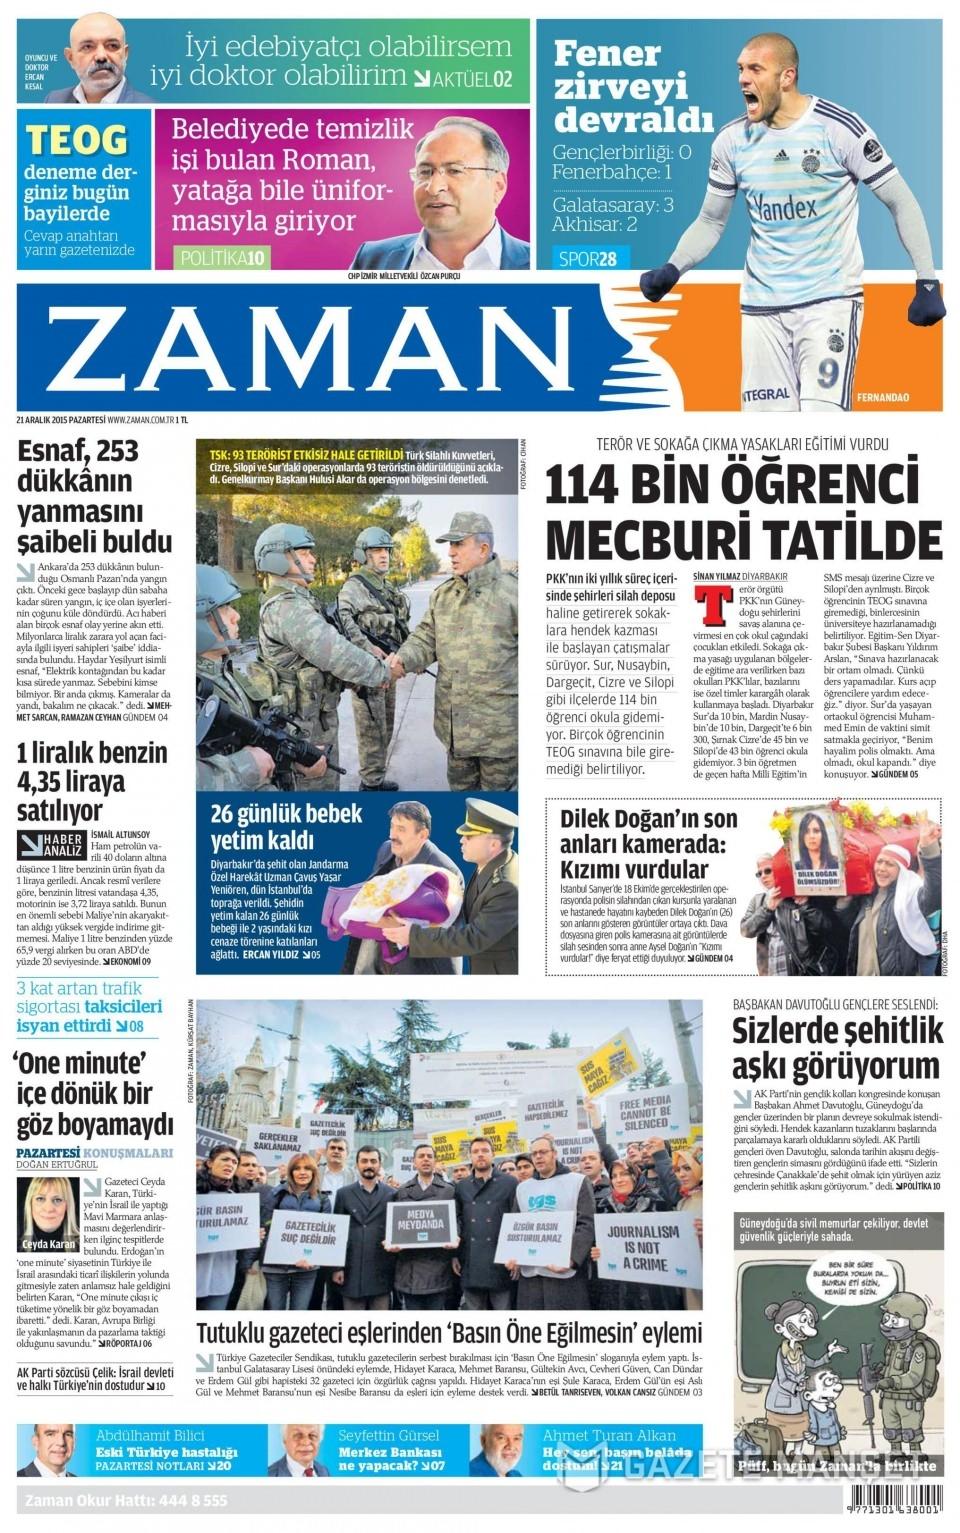 21 Aralık 2015 gazete manşetleri 25